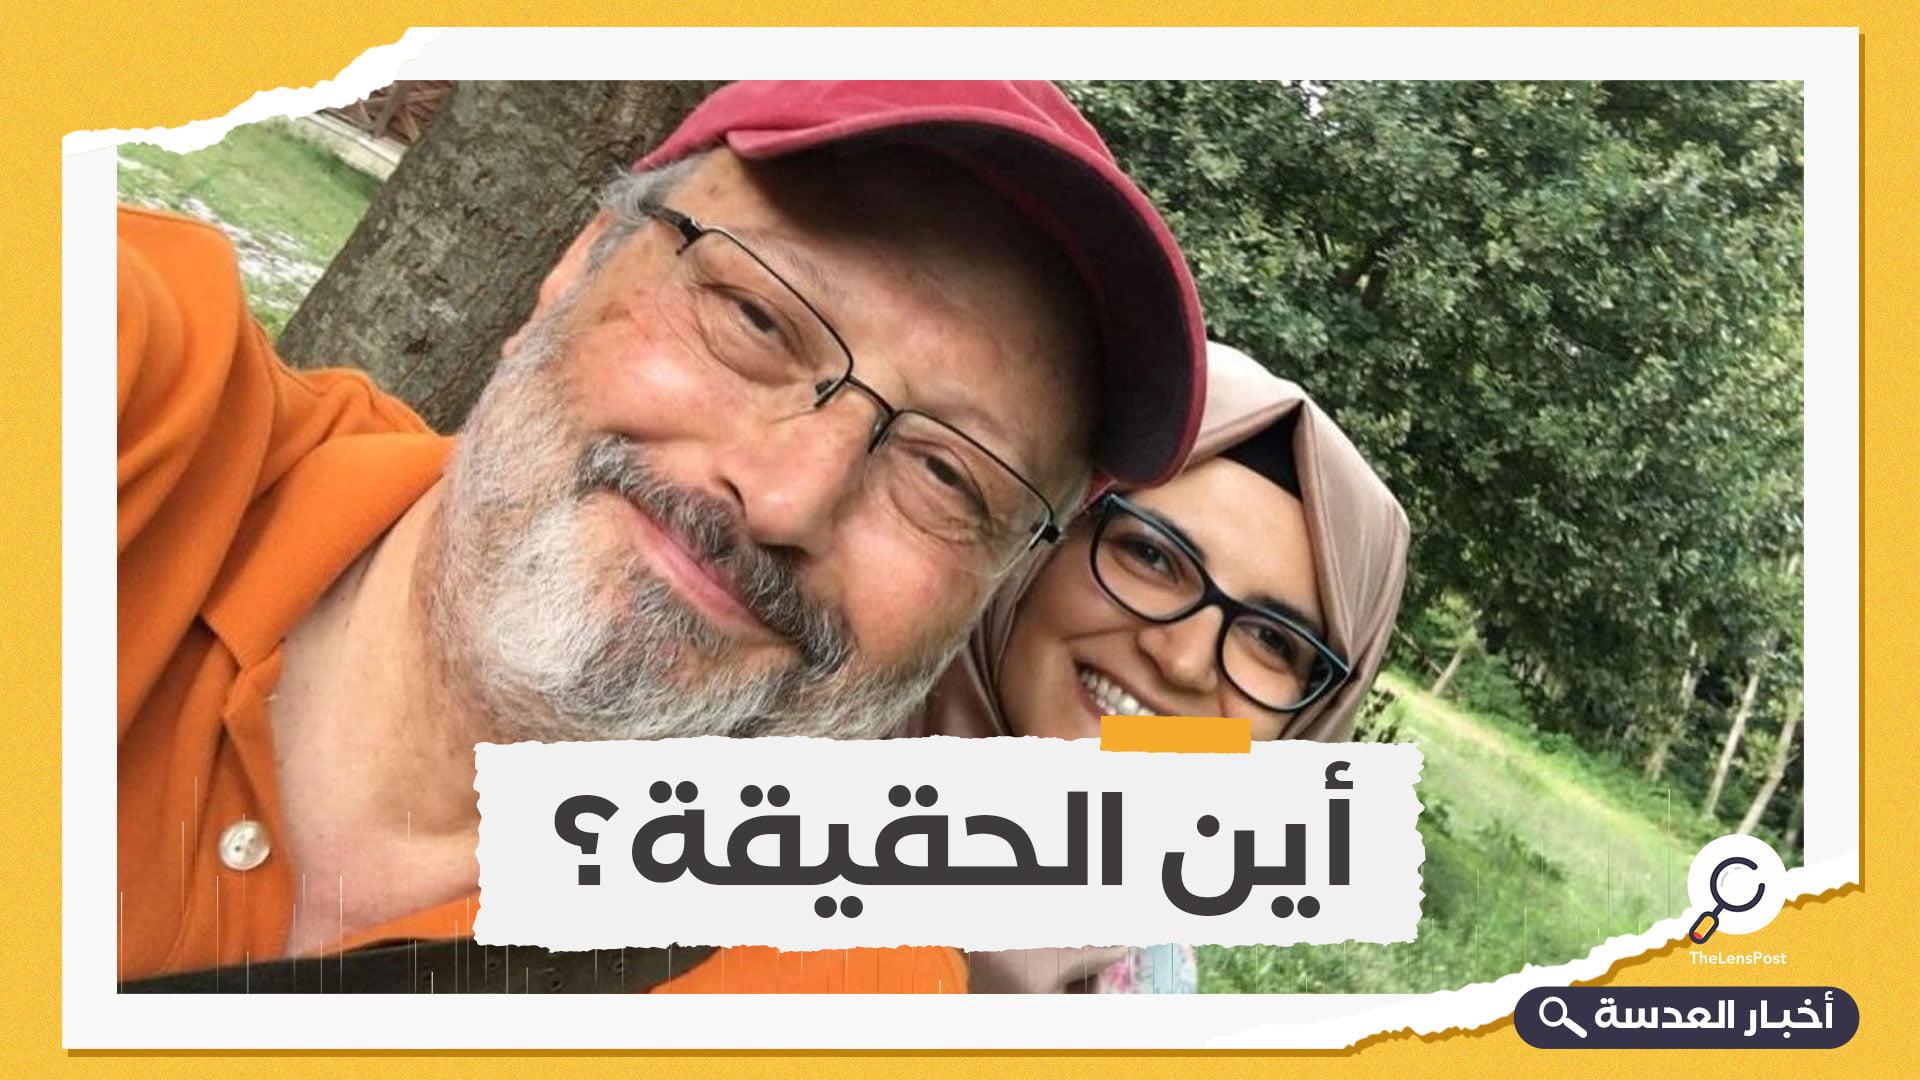 خطيبة خاشقجي تدعو بايدن للسماح بنشر تقرير الاستخبارات حول اغتياله